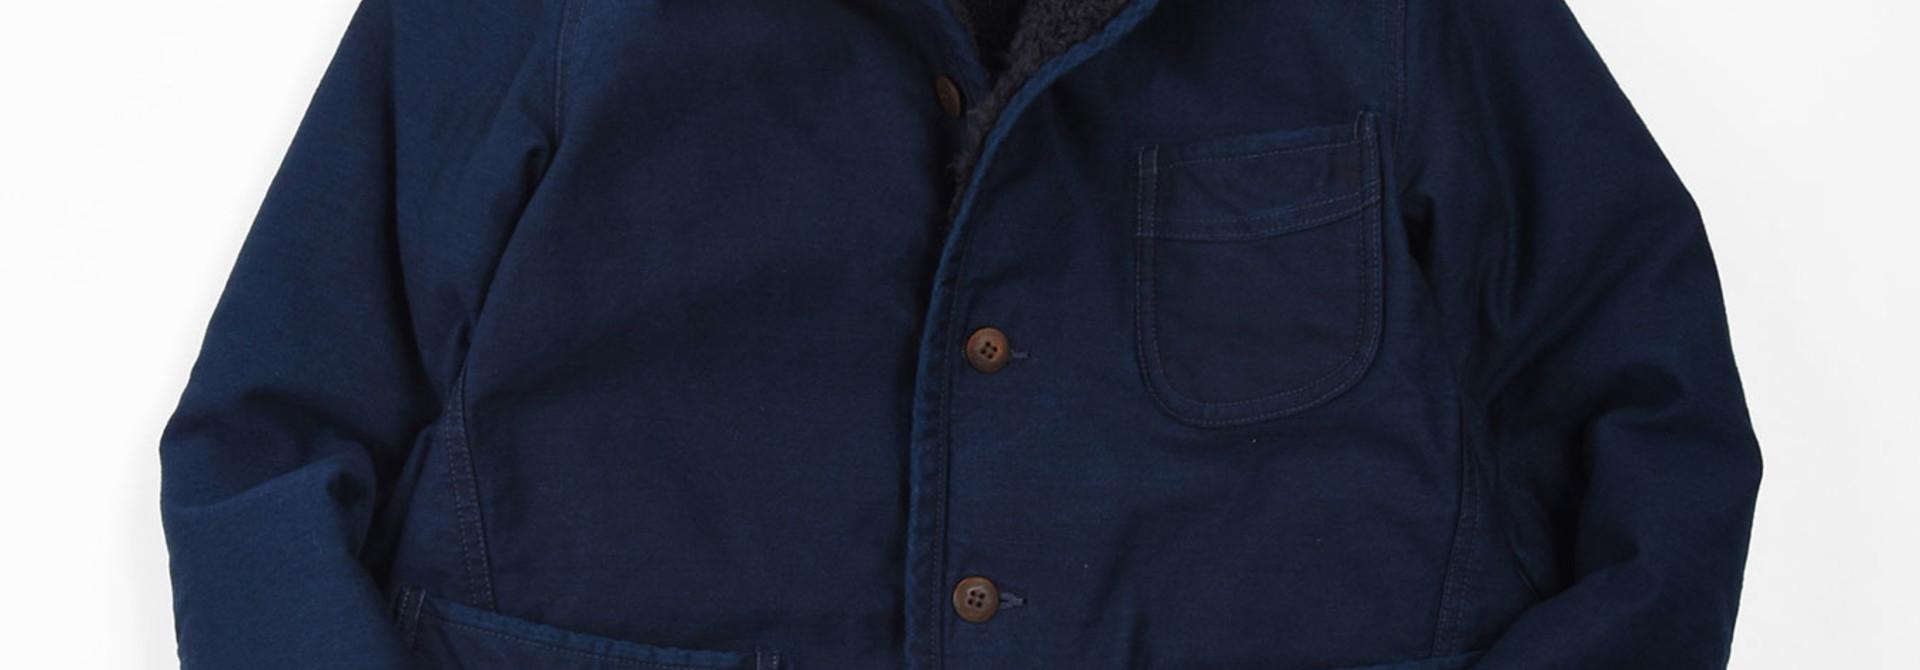 Okome Yoko-shusu Sheep Boa 908 Jacket